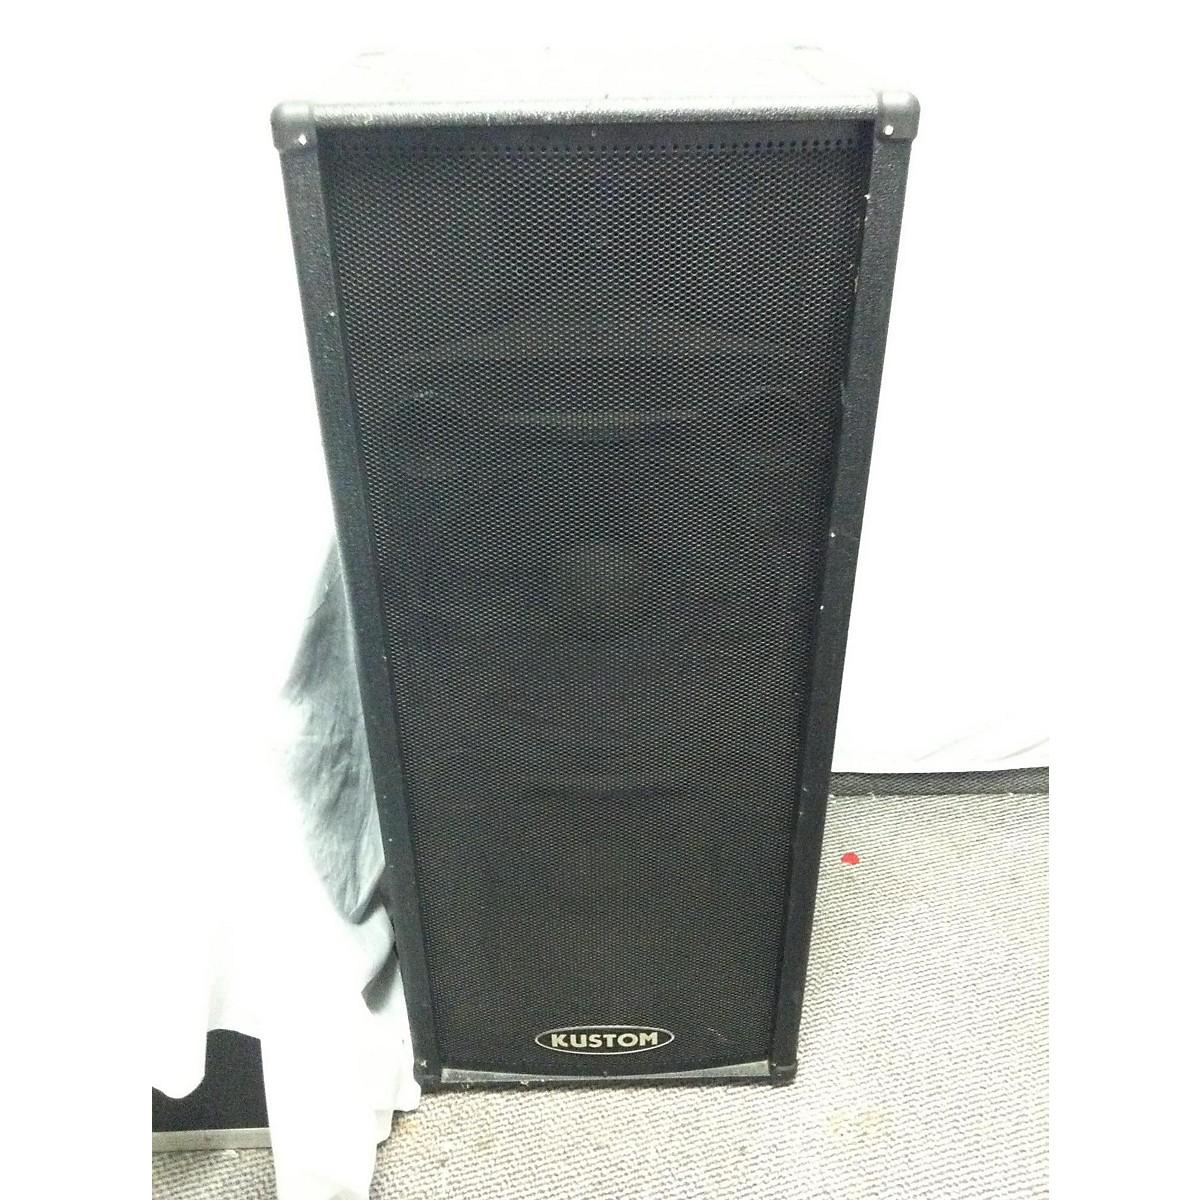 Kustom KSE 215 Unpowered Speaker